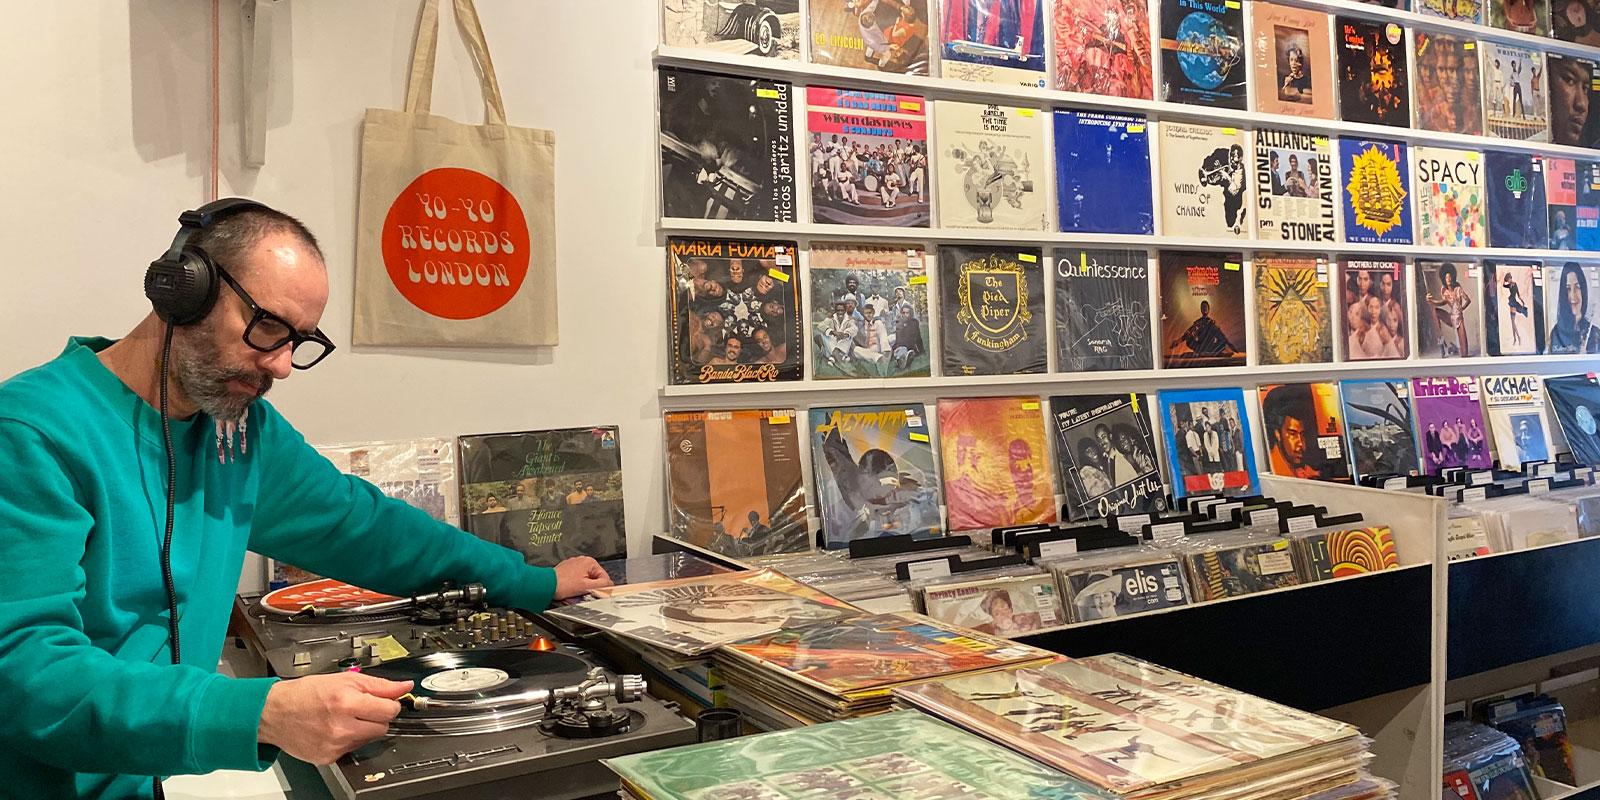 VF Live: Yo-Yo Records #13